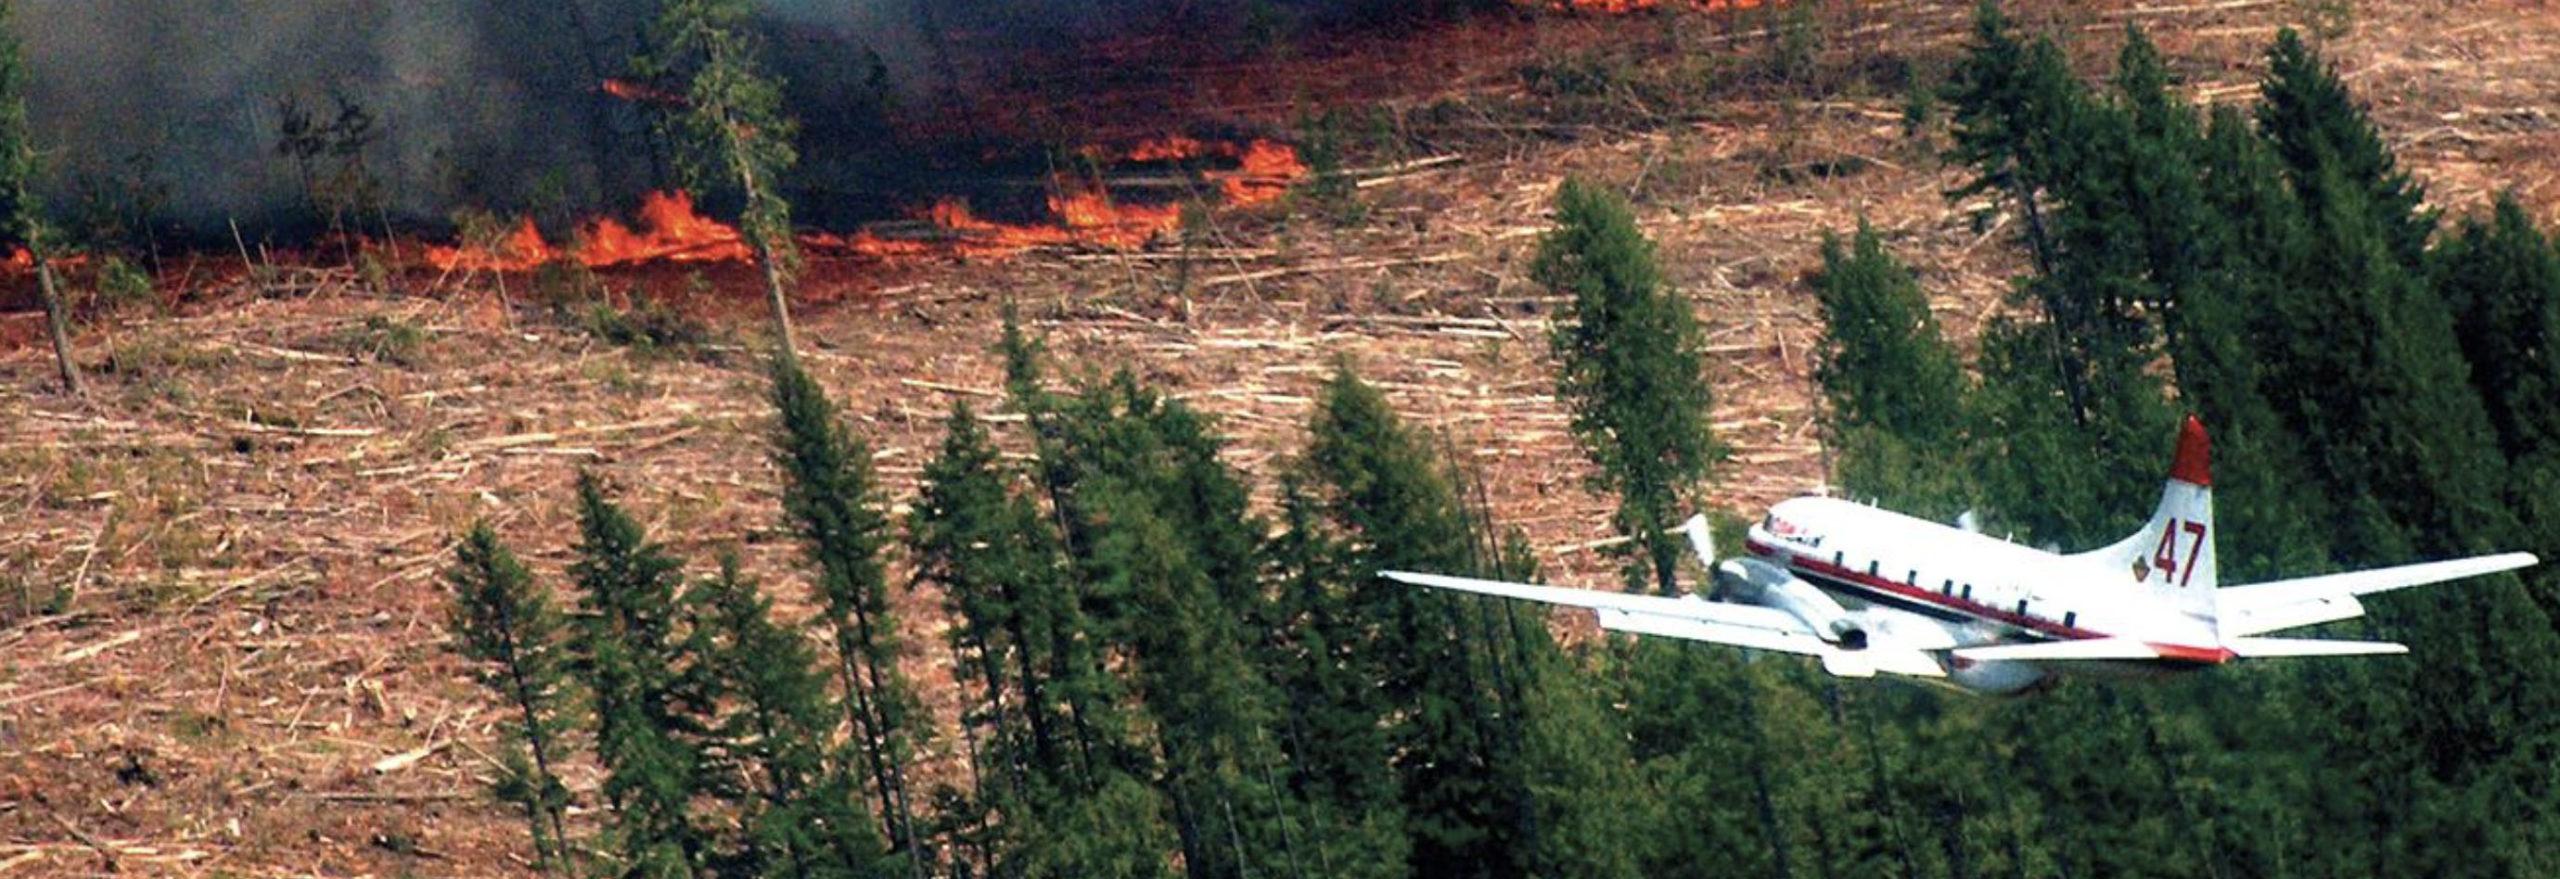 Save forests; Safe communities webinar